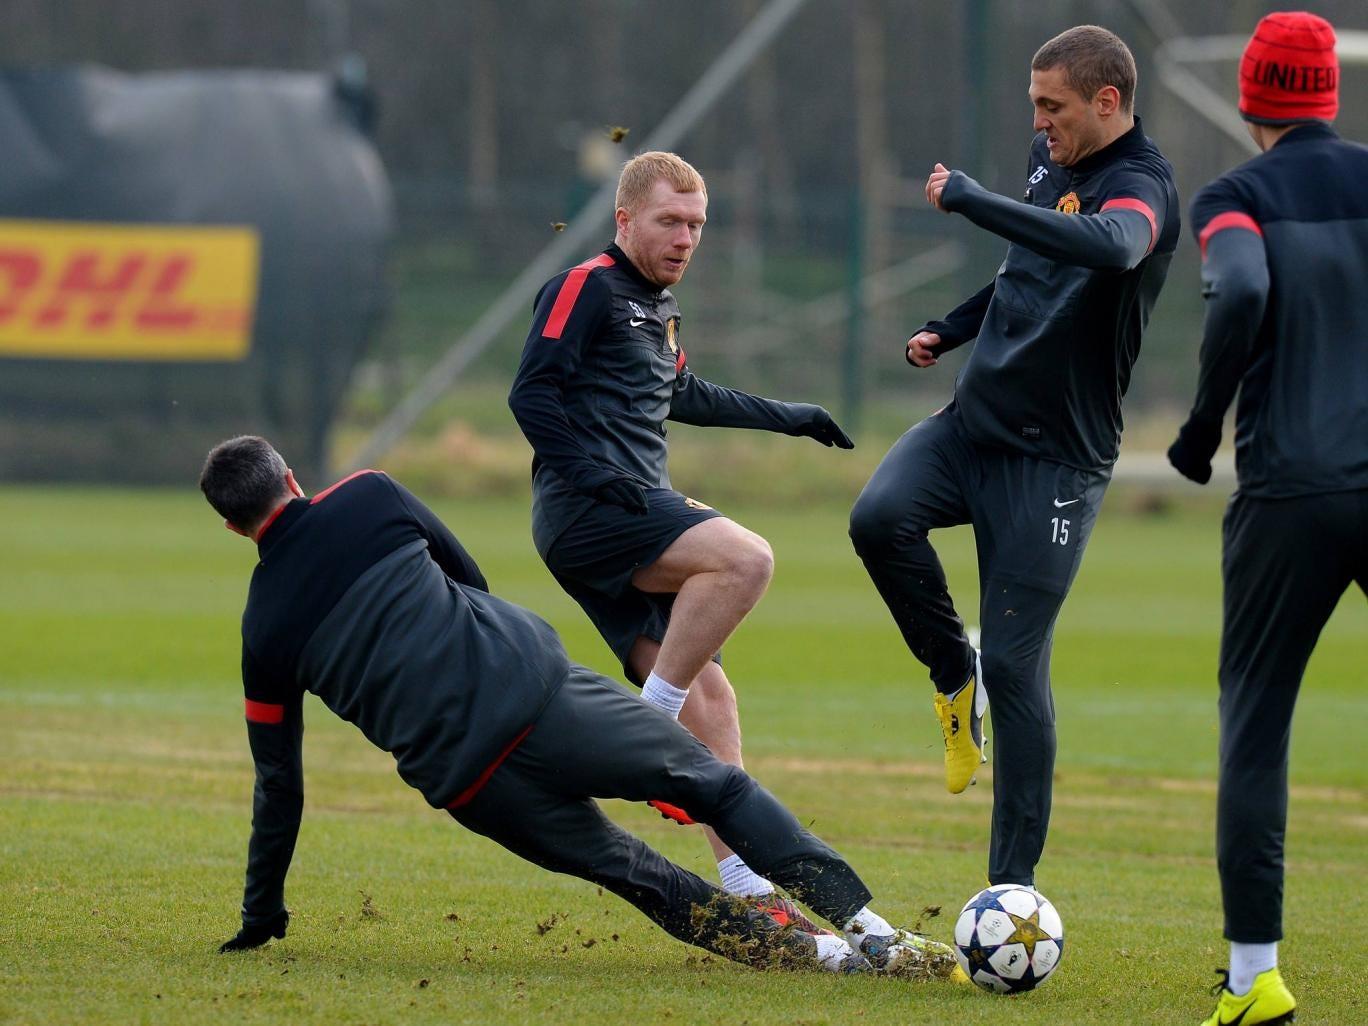 Paul Scholes pictured training alongside Robin van Persie and Nemanja Vidic